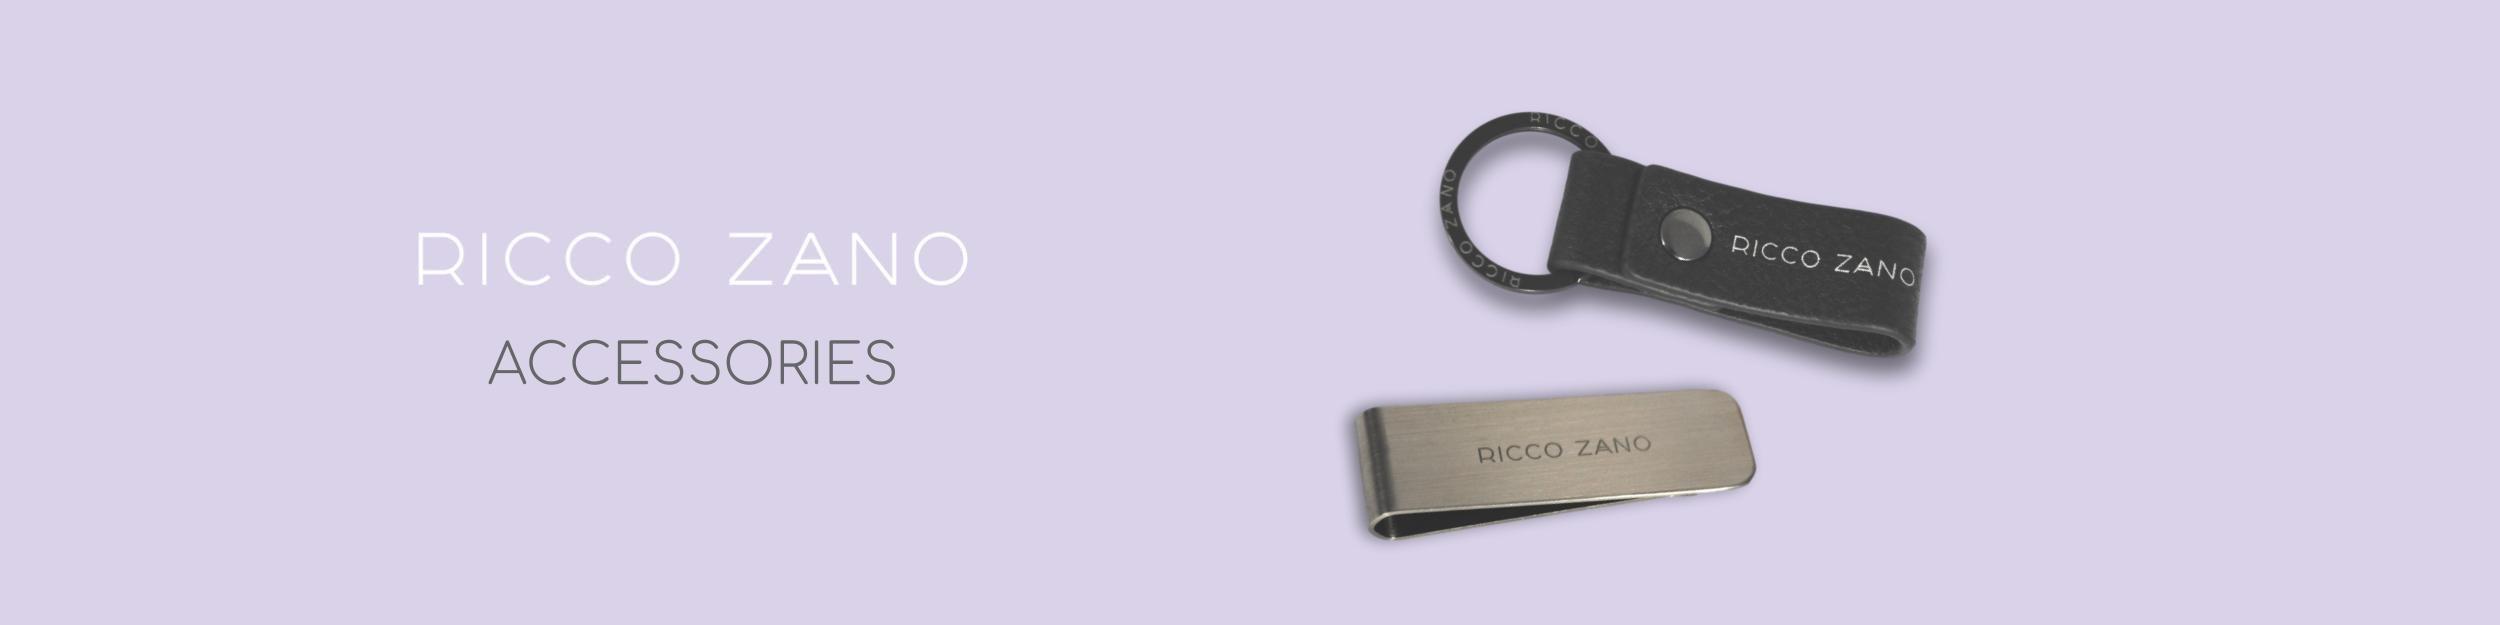 Accessories Website banner design